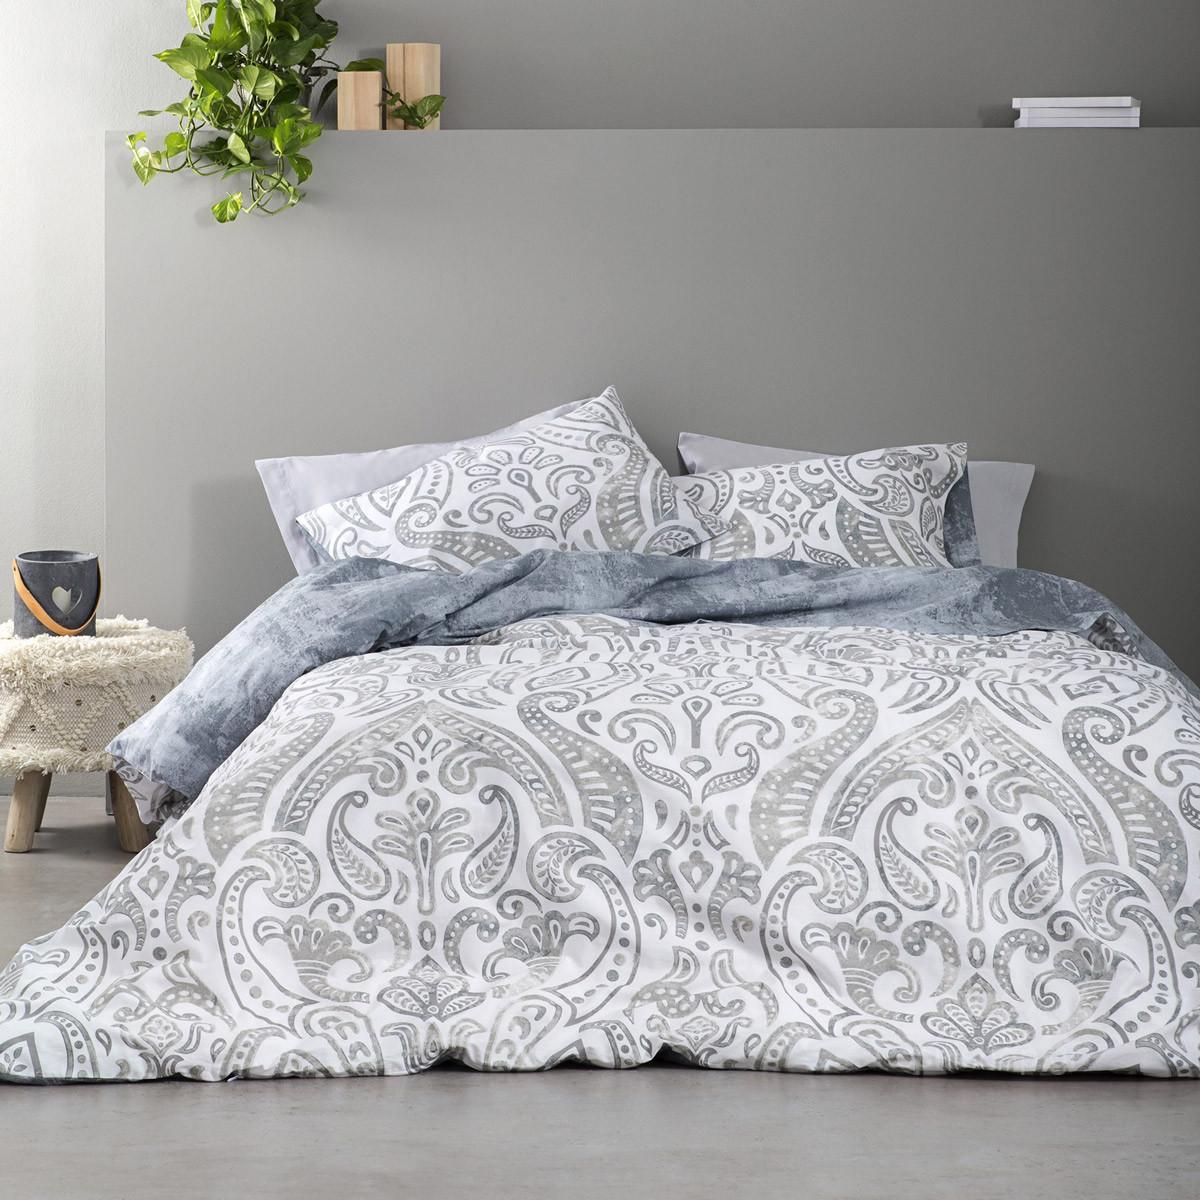 Παπλωματοθήκη Υπέρδιπλη (Σετ) Nima Bed Linen Alessa